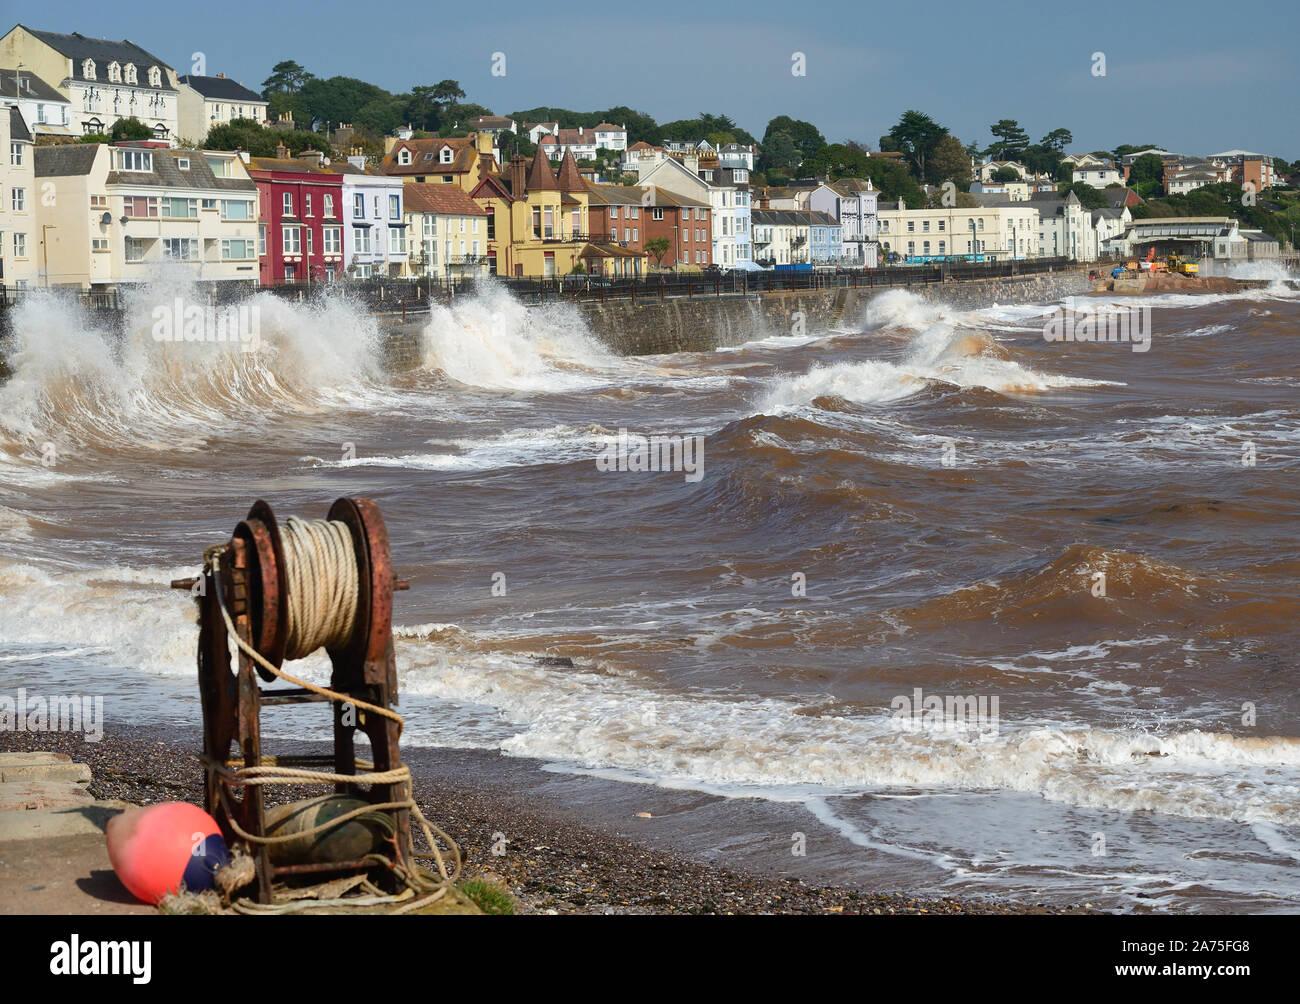 Rough sea at Dawlish. Stock Photo